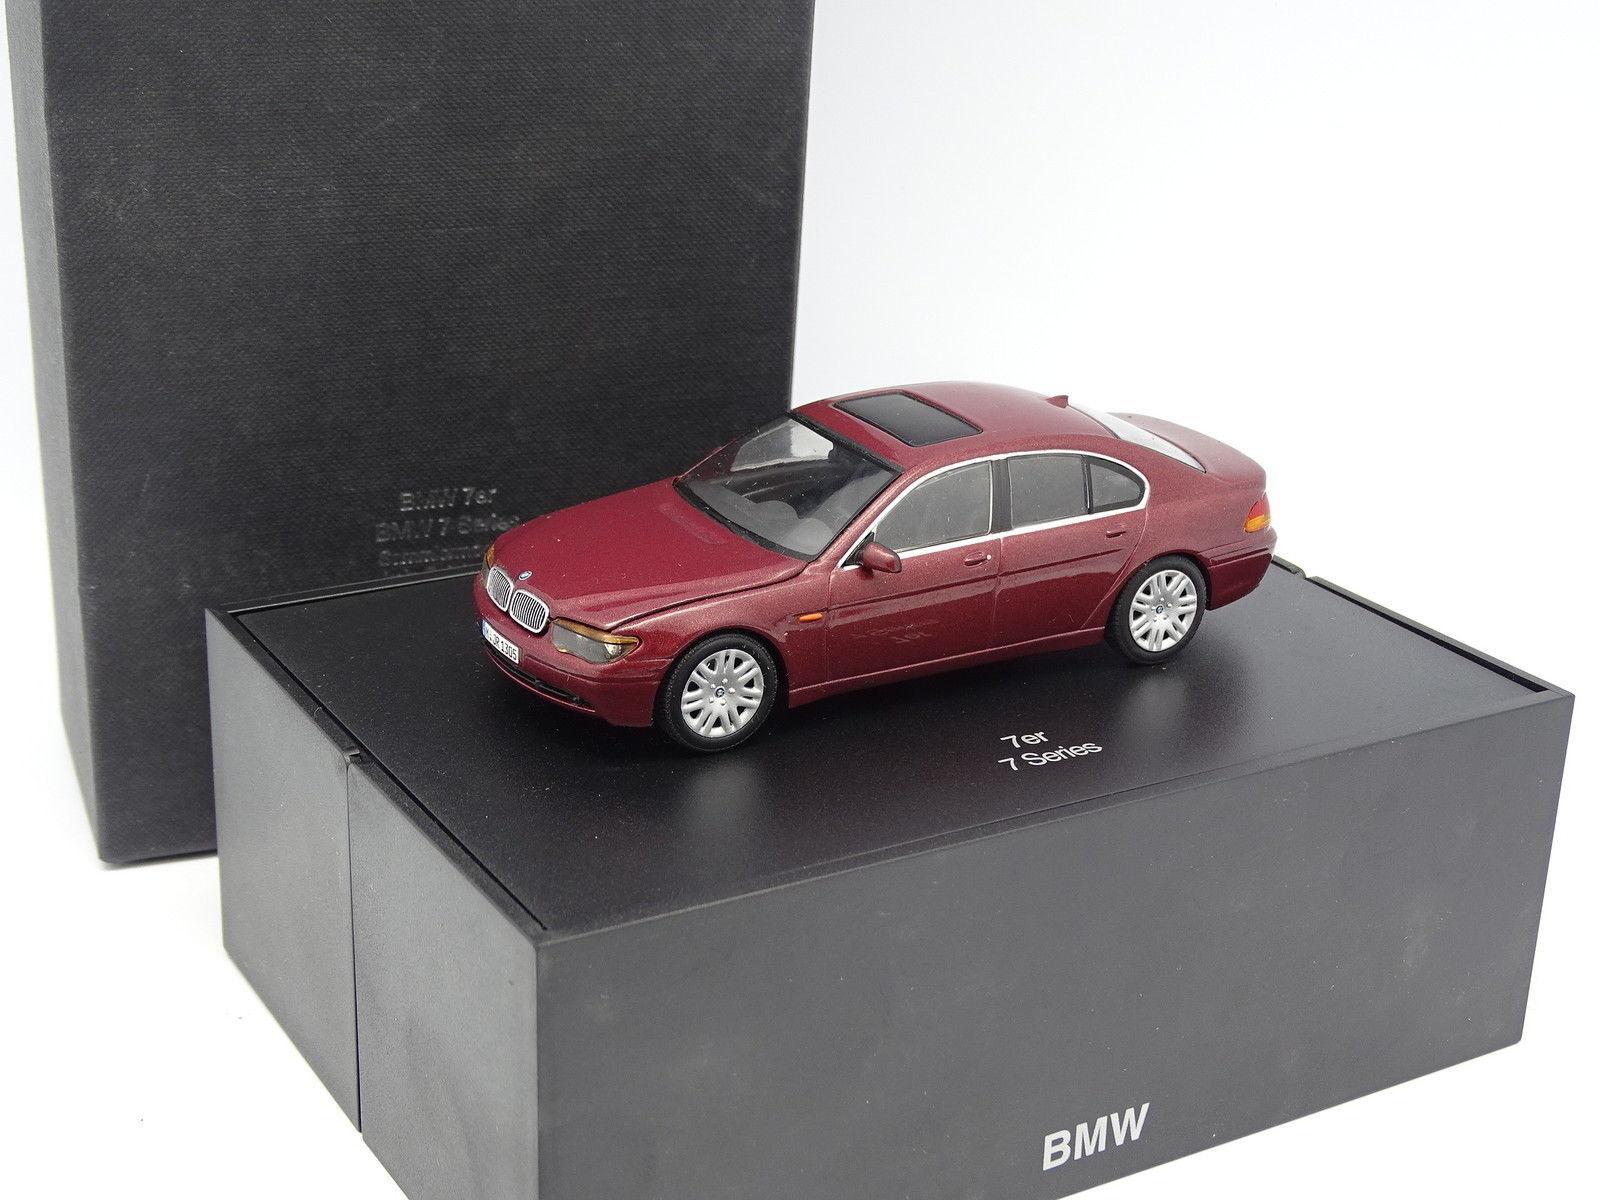 en linea Minichamps Minichamps Minichamps 1 43 - BMW Serie 7 e65 Rojo  marca